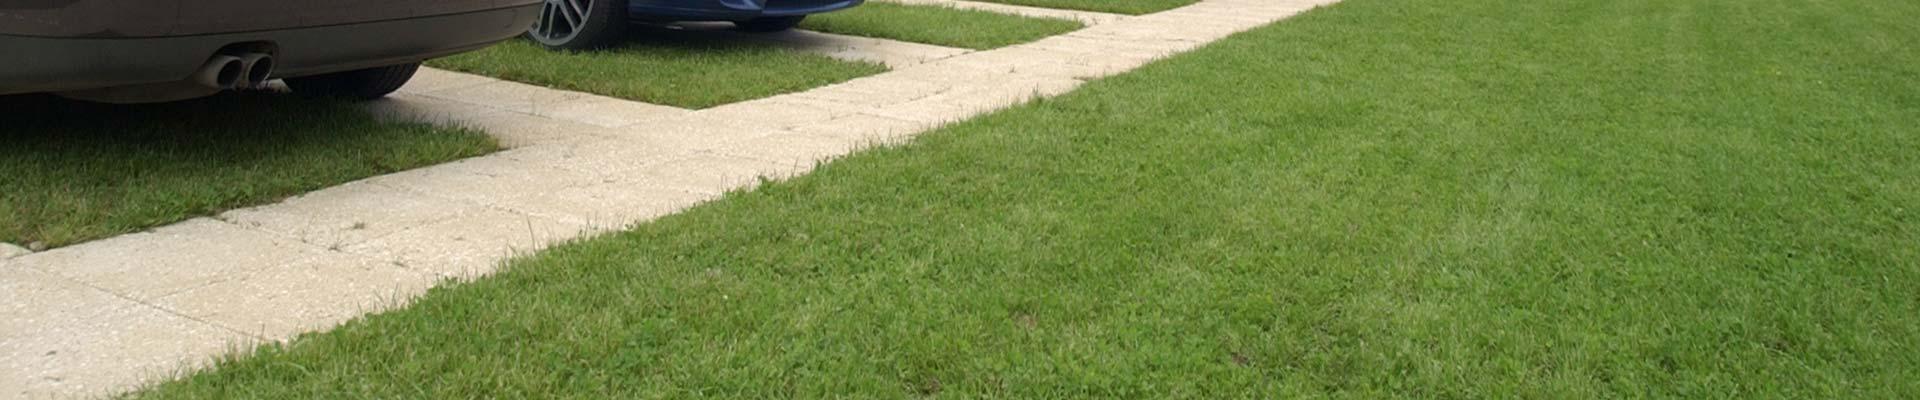 landscaping-bg